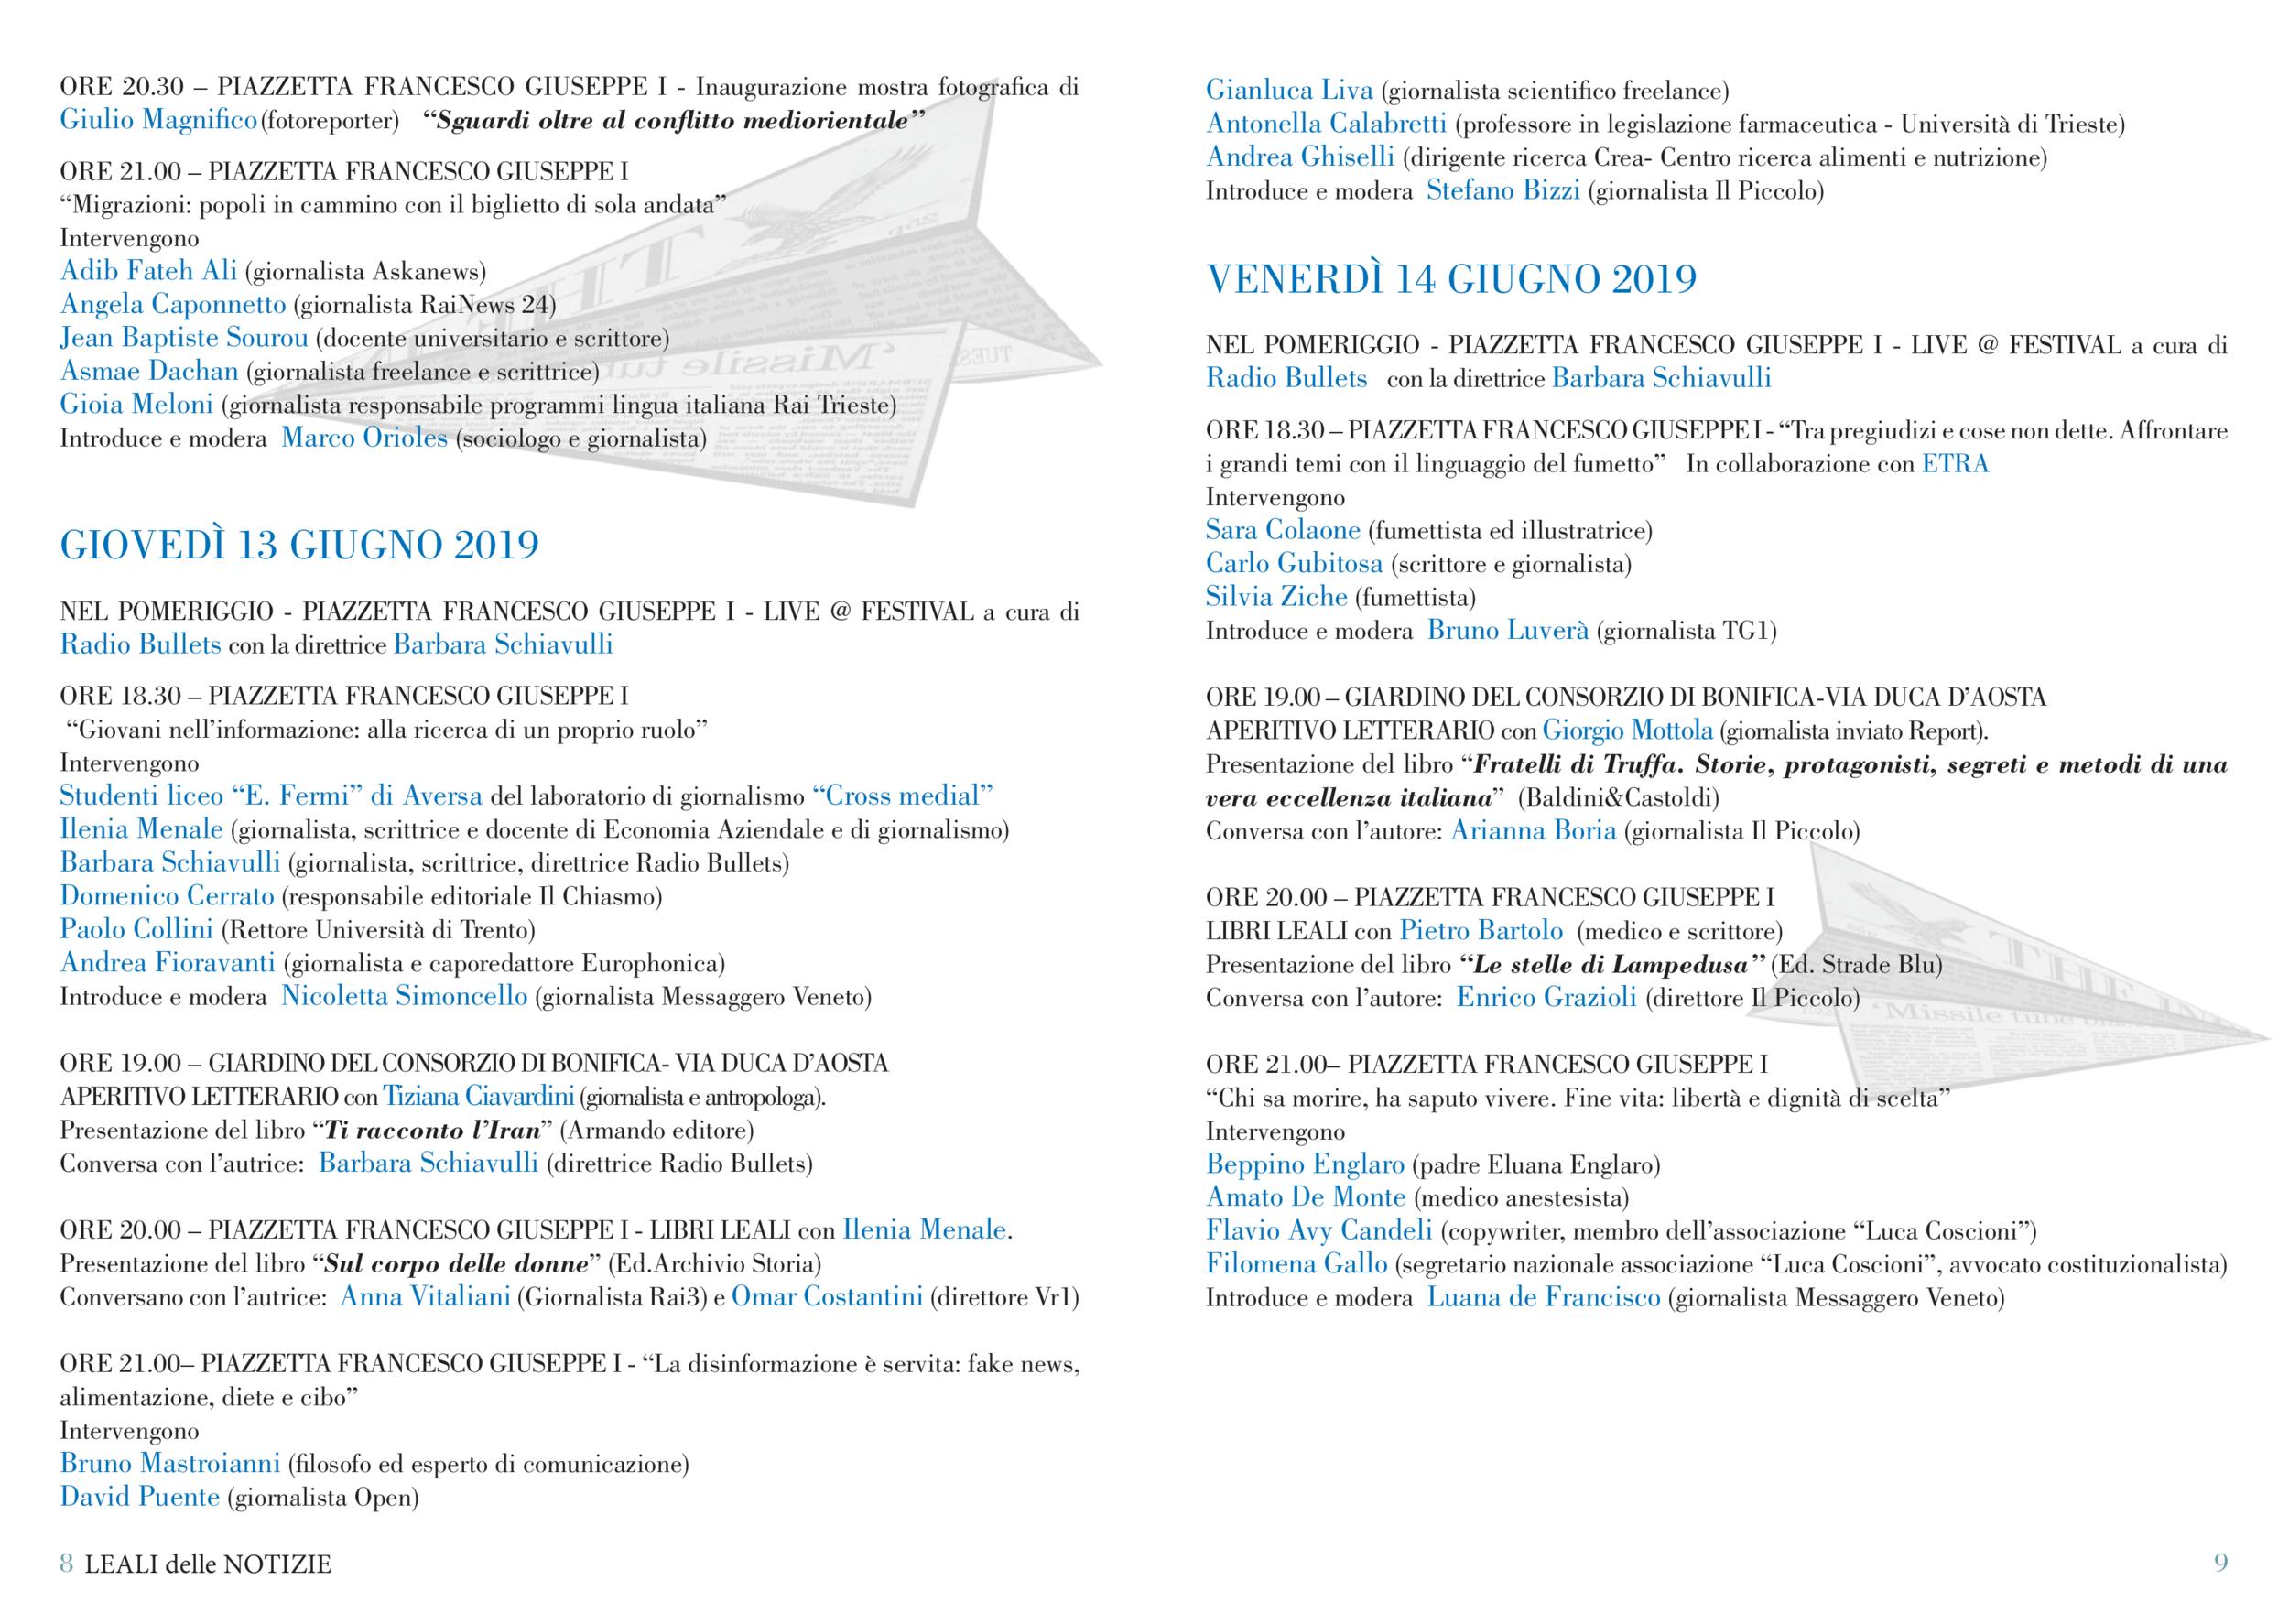 programma-festival-del-giornalismo-2019-5-2.PNG